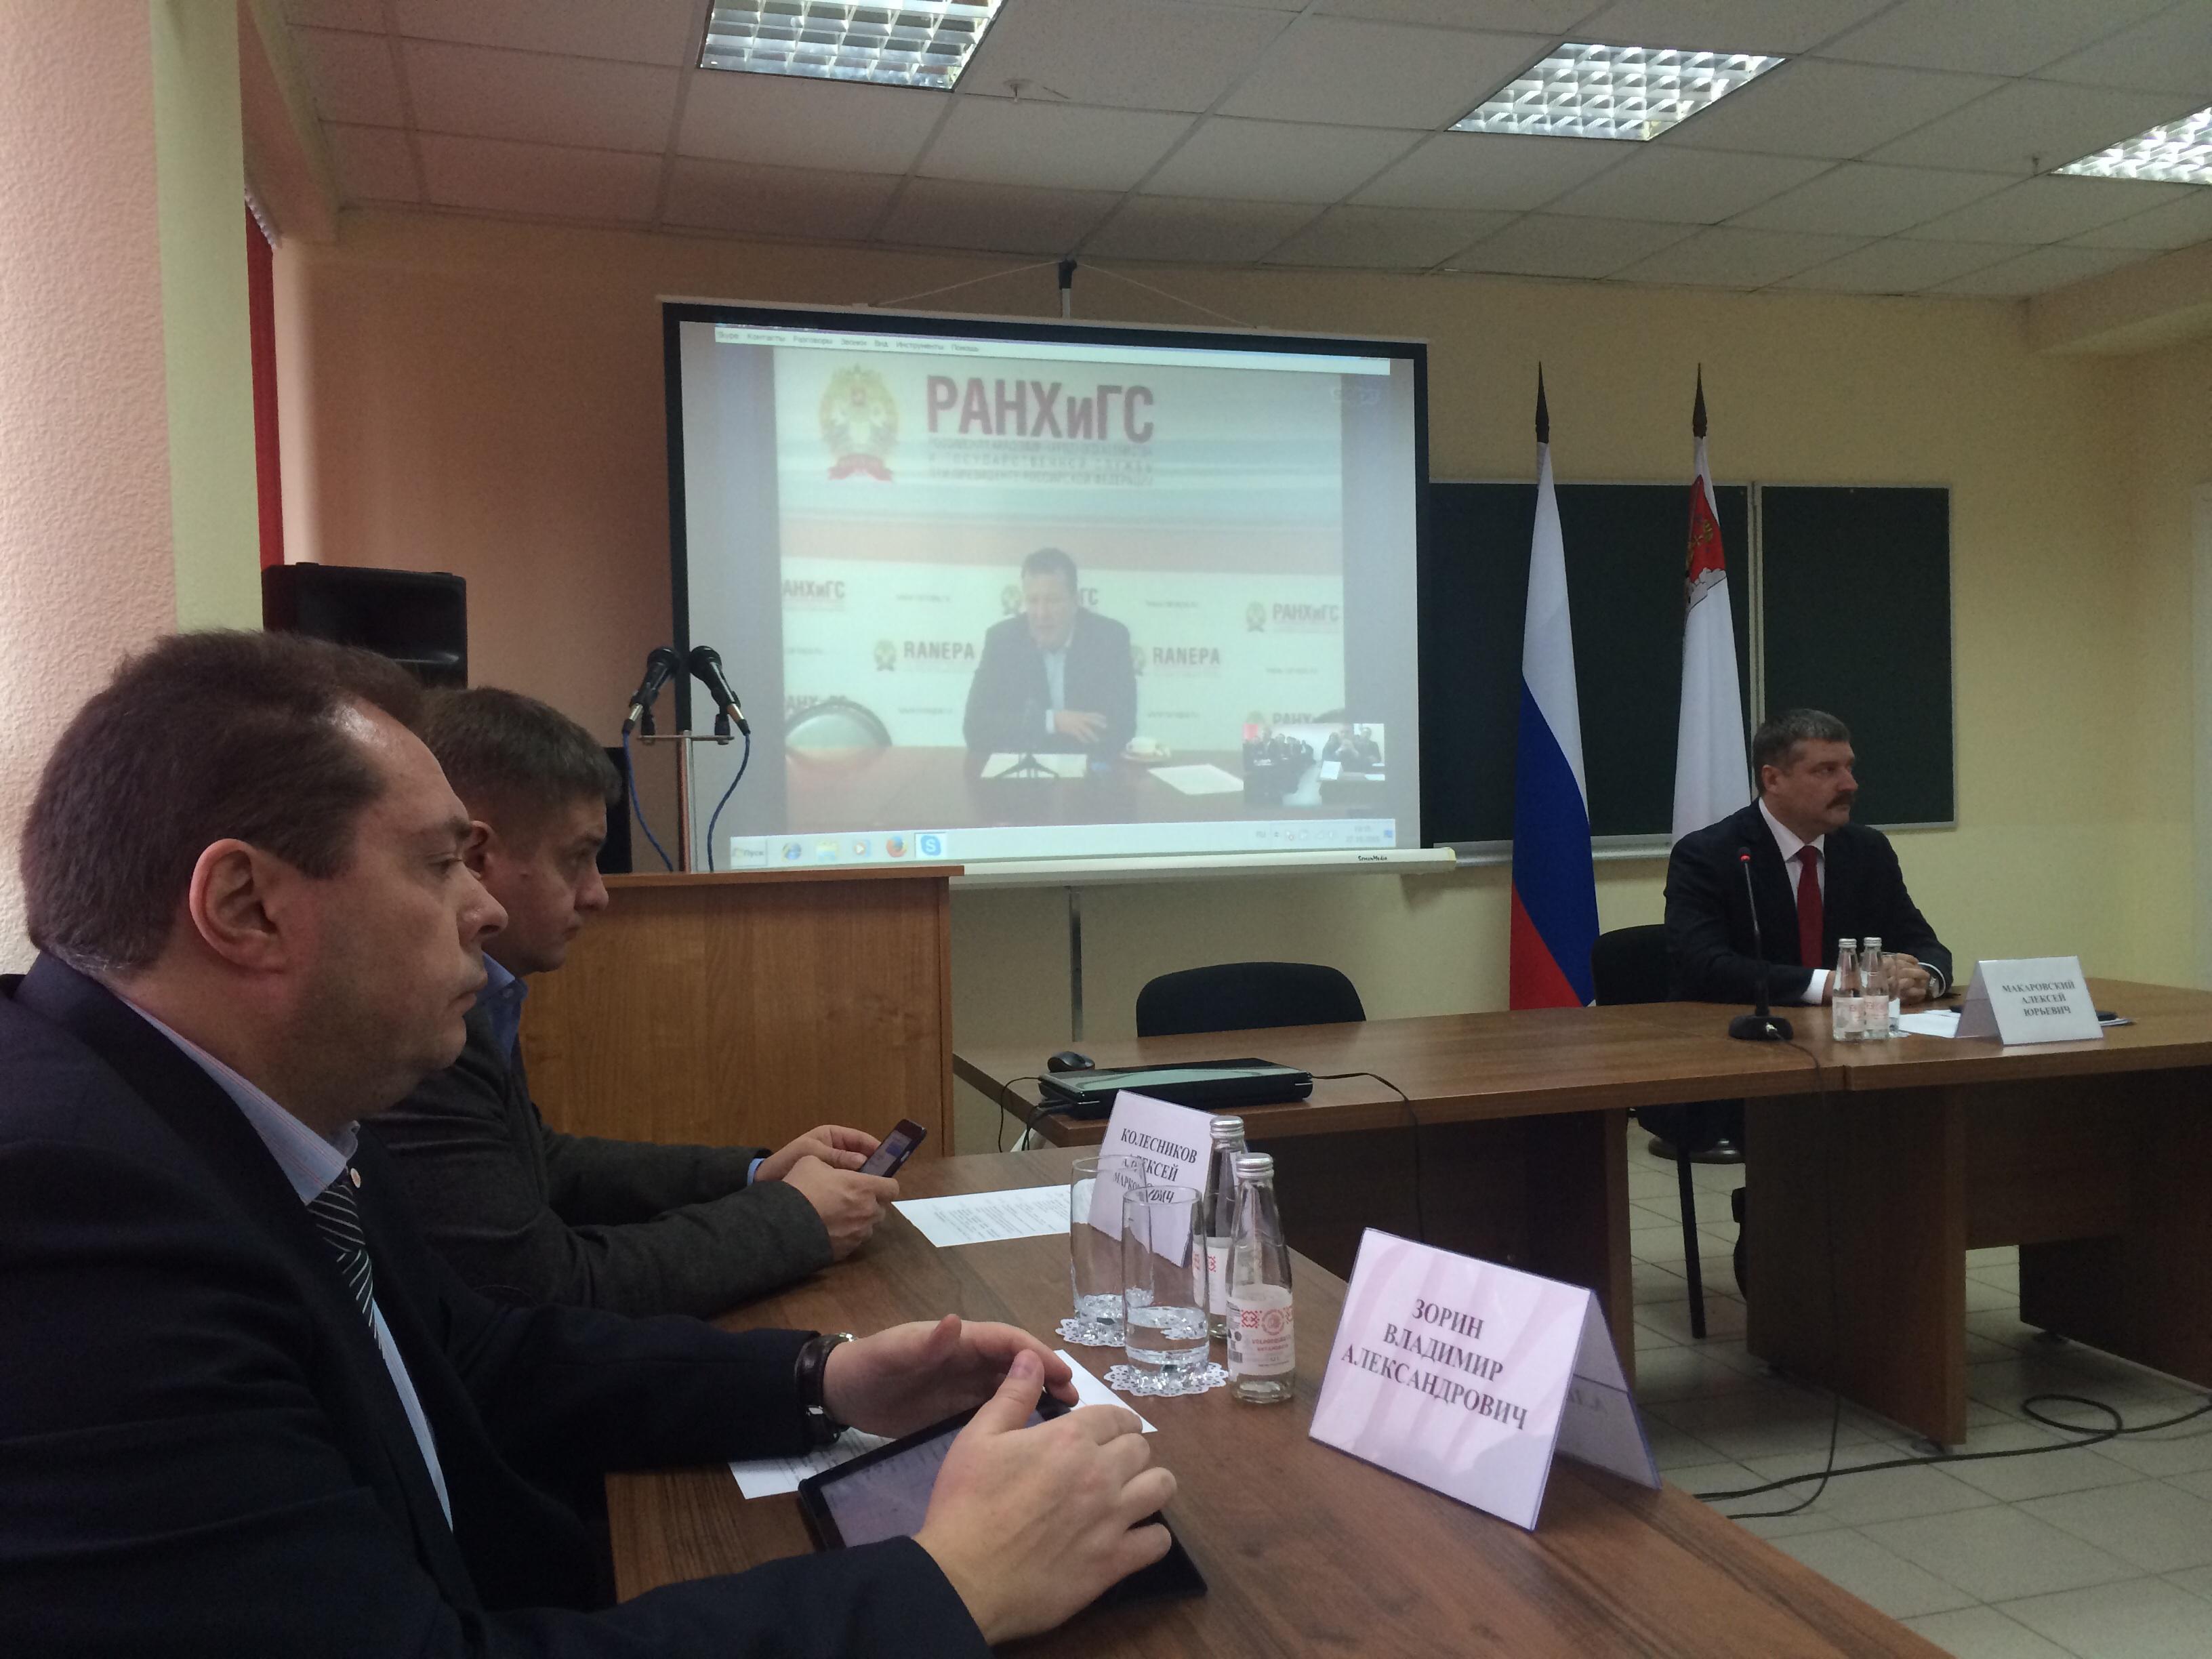 Программа по подготовке руководителей муниципальных образований стартовала в Вологодской области «Команда губернатора: муниципальный уровень» #2